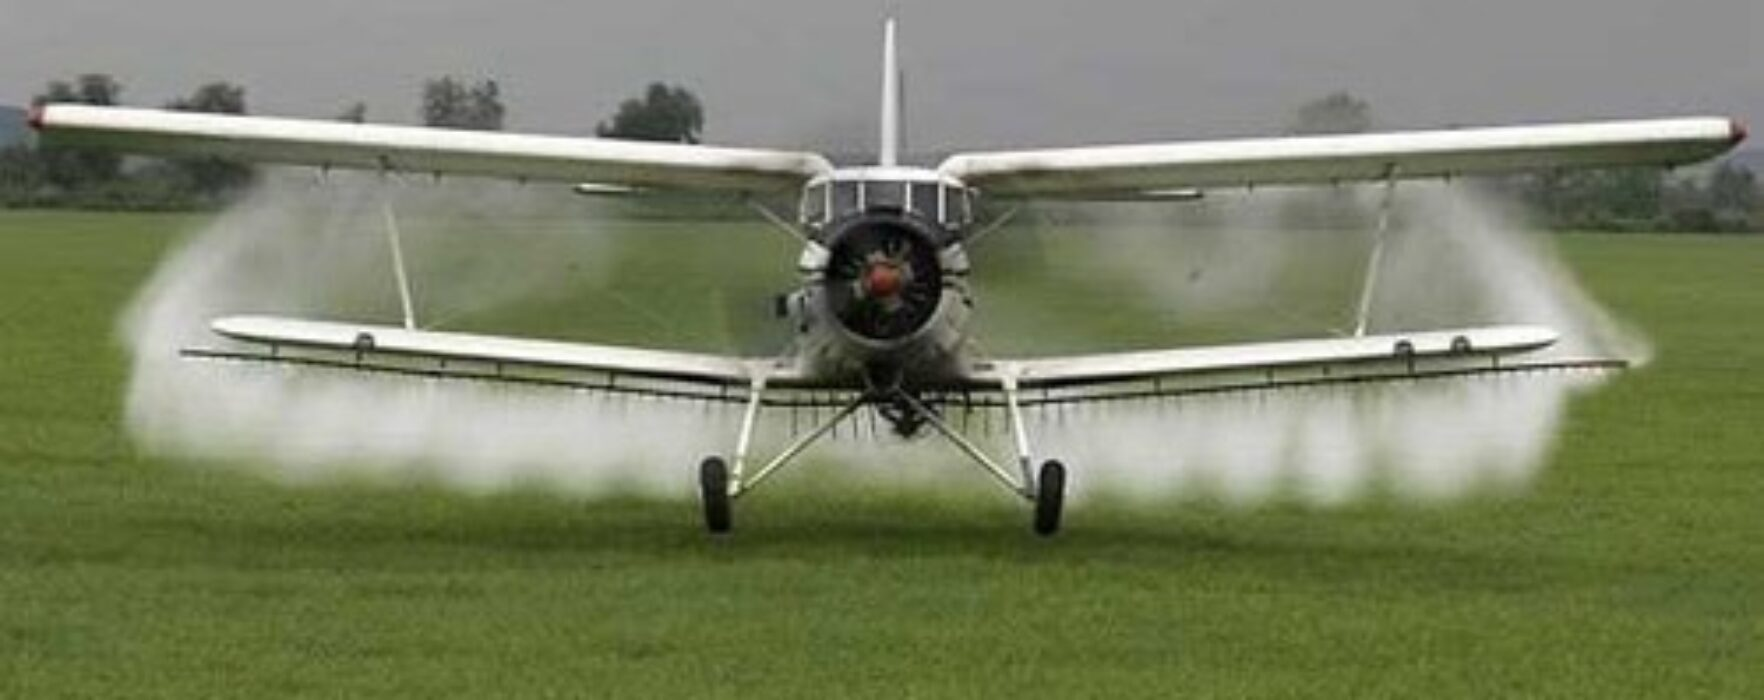 Aviotratamente pentru combaterea insectelor, la Titu, pe 25 mai